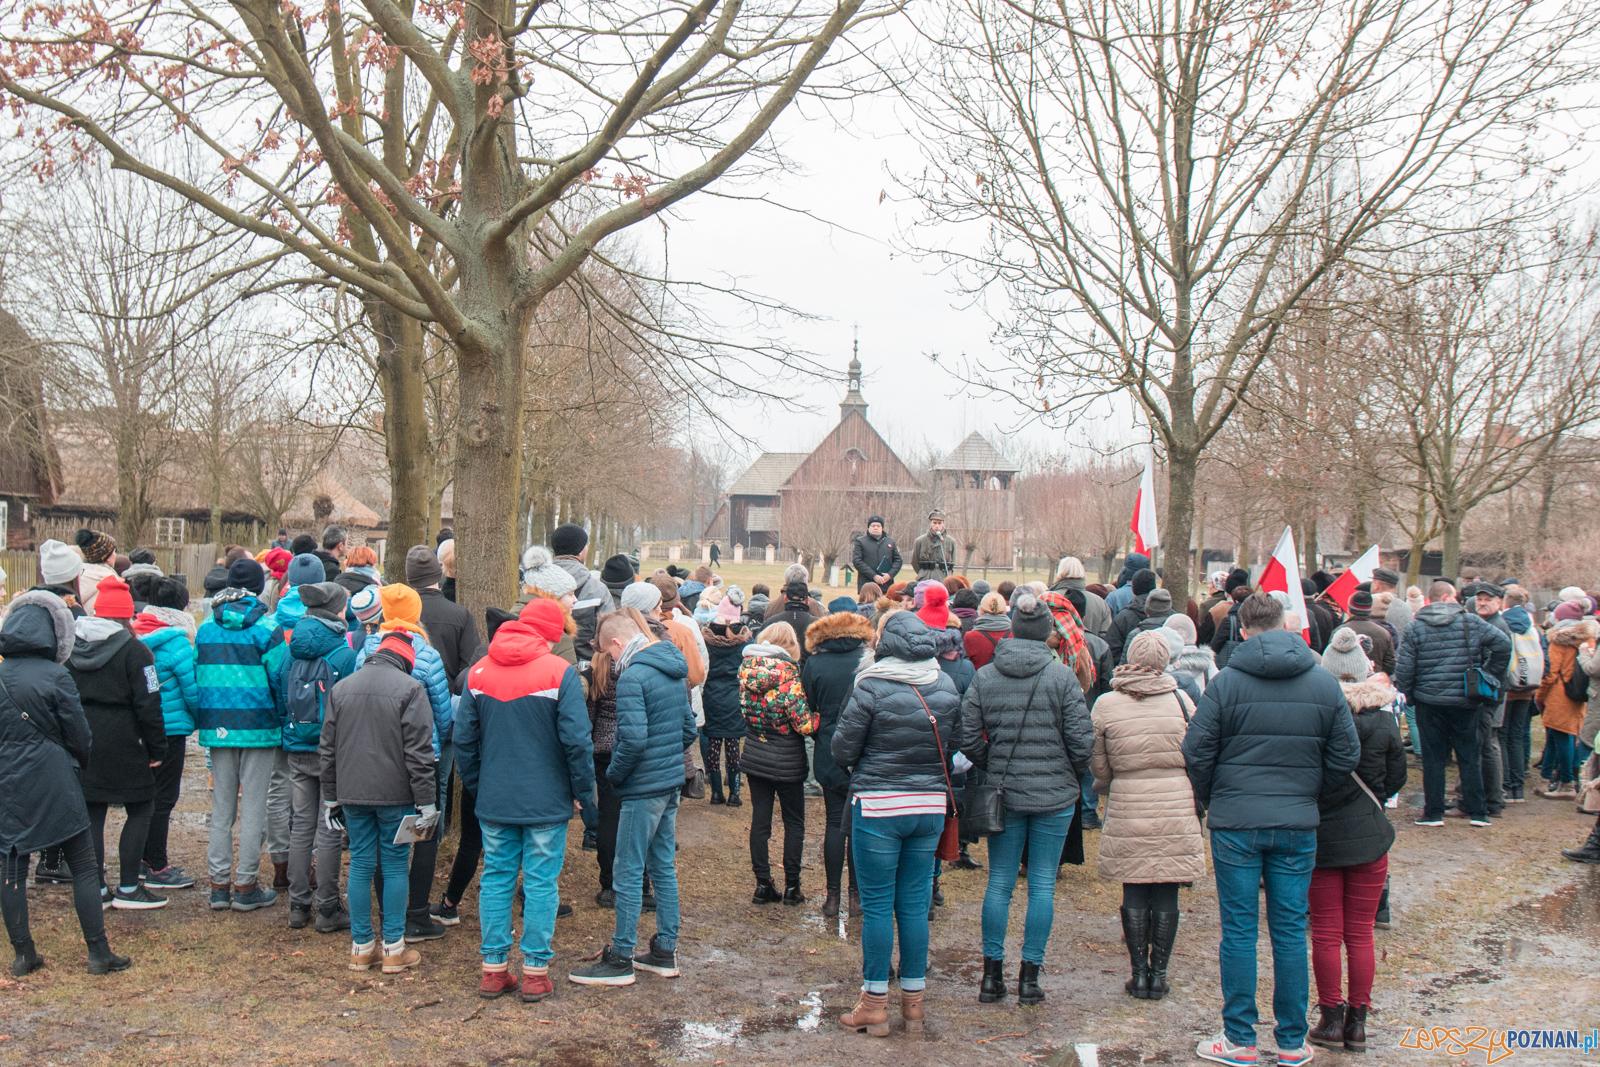 Obrazy z życia Powstańców Dziekanowice  Foto: lepszyPOZNAN.pl / Ewelina Jaśkowiak